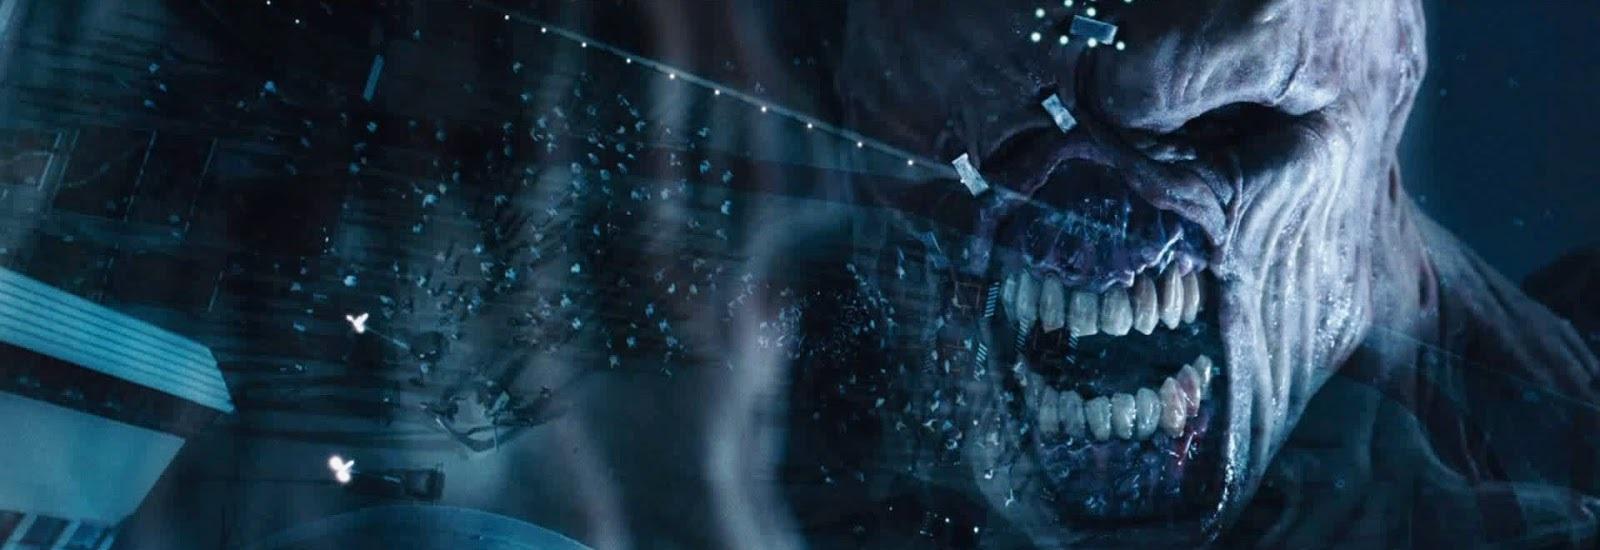 resident-evil_apocalypse20120218_116